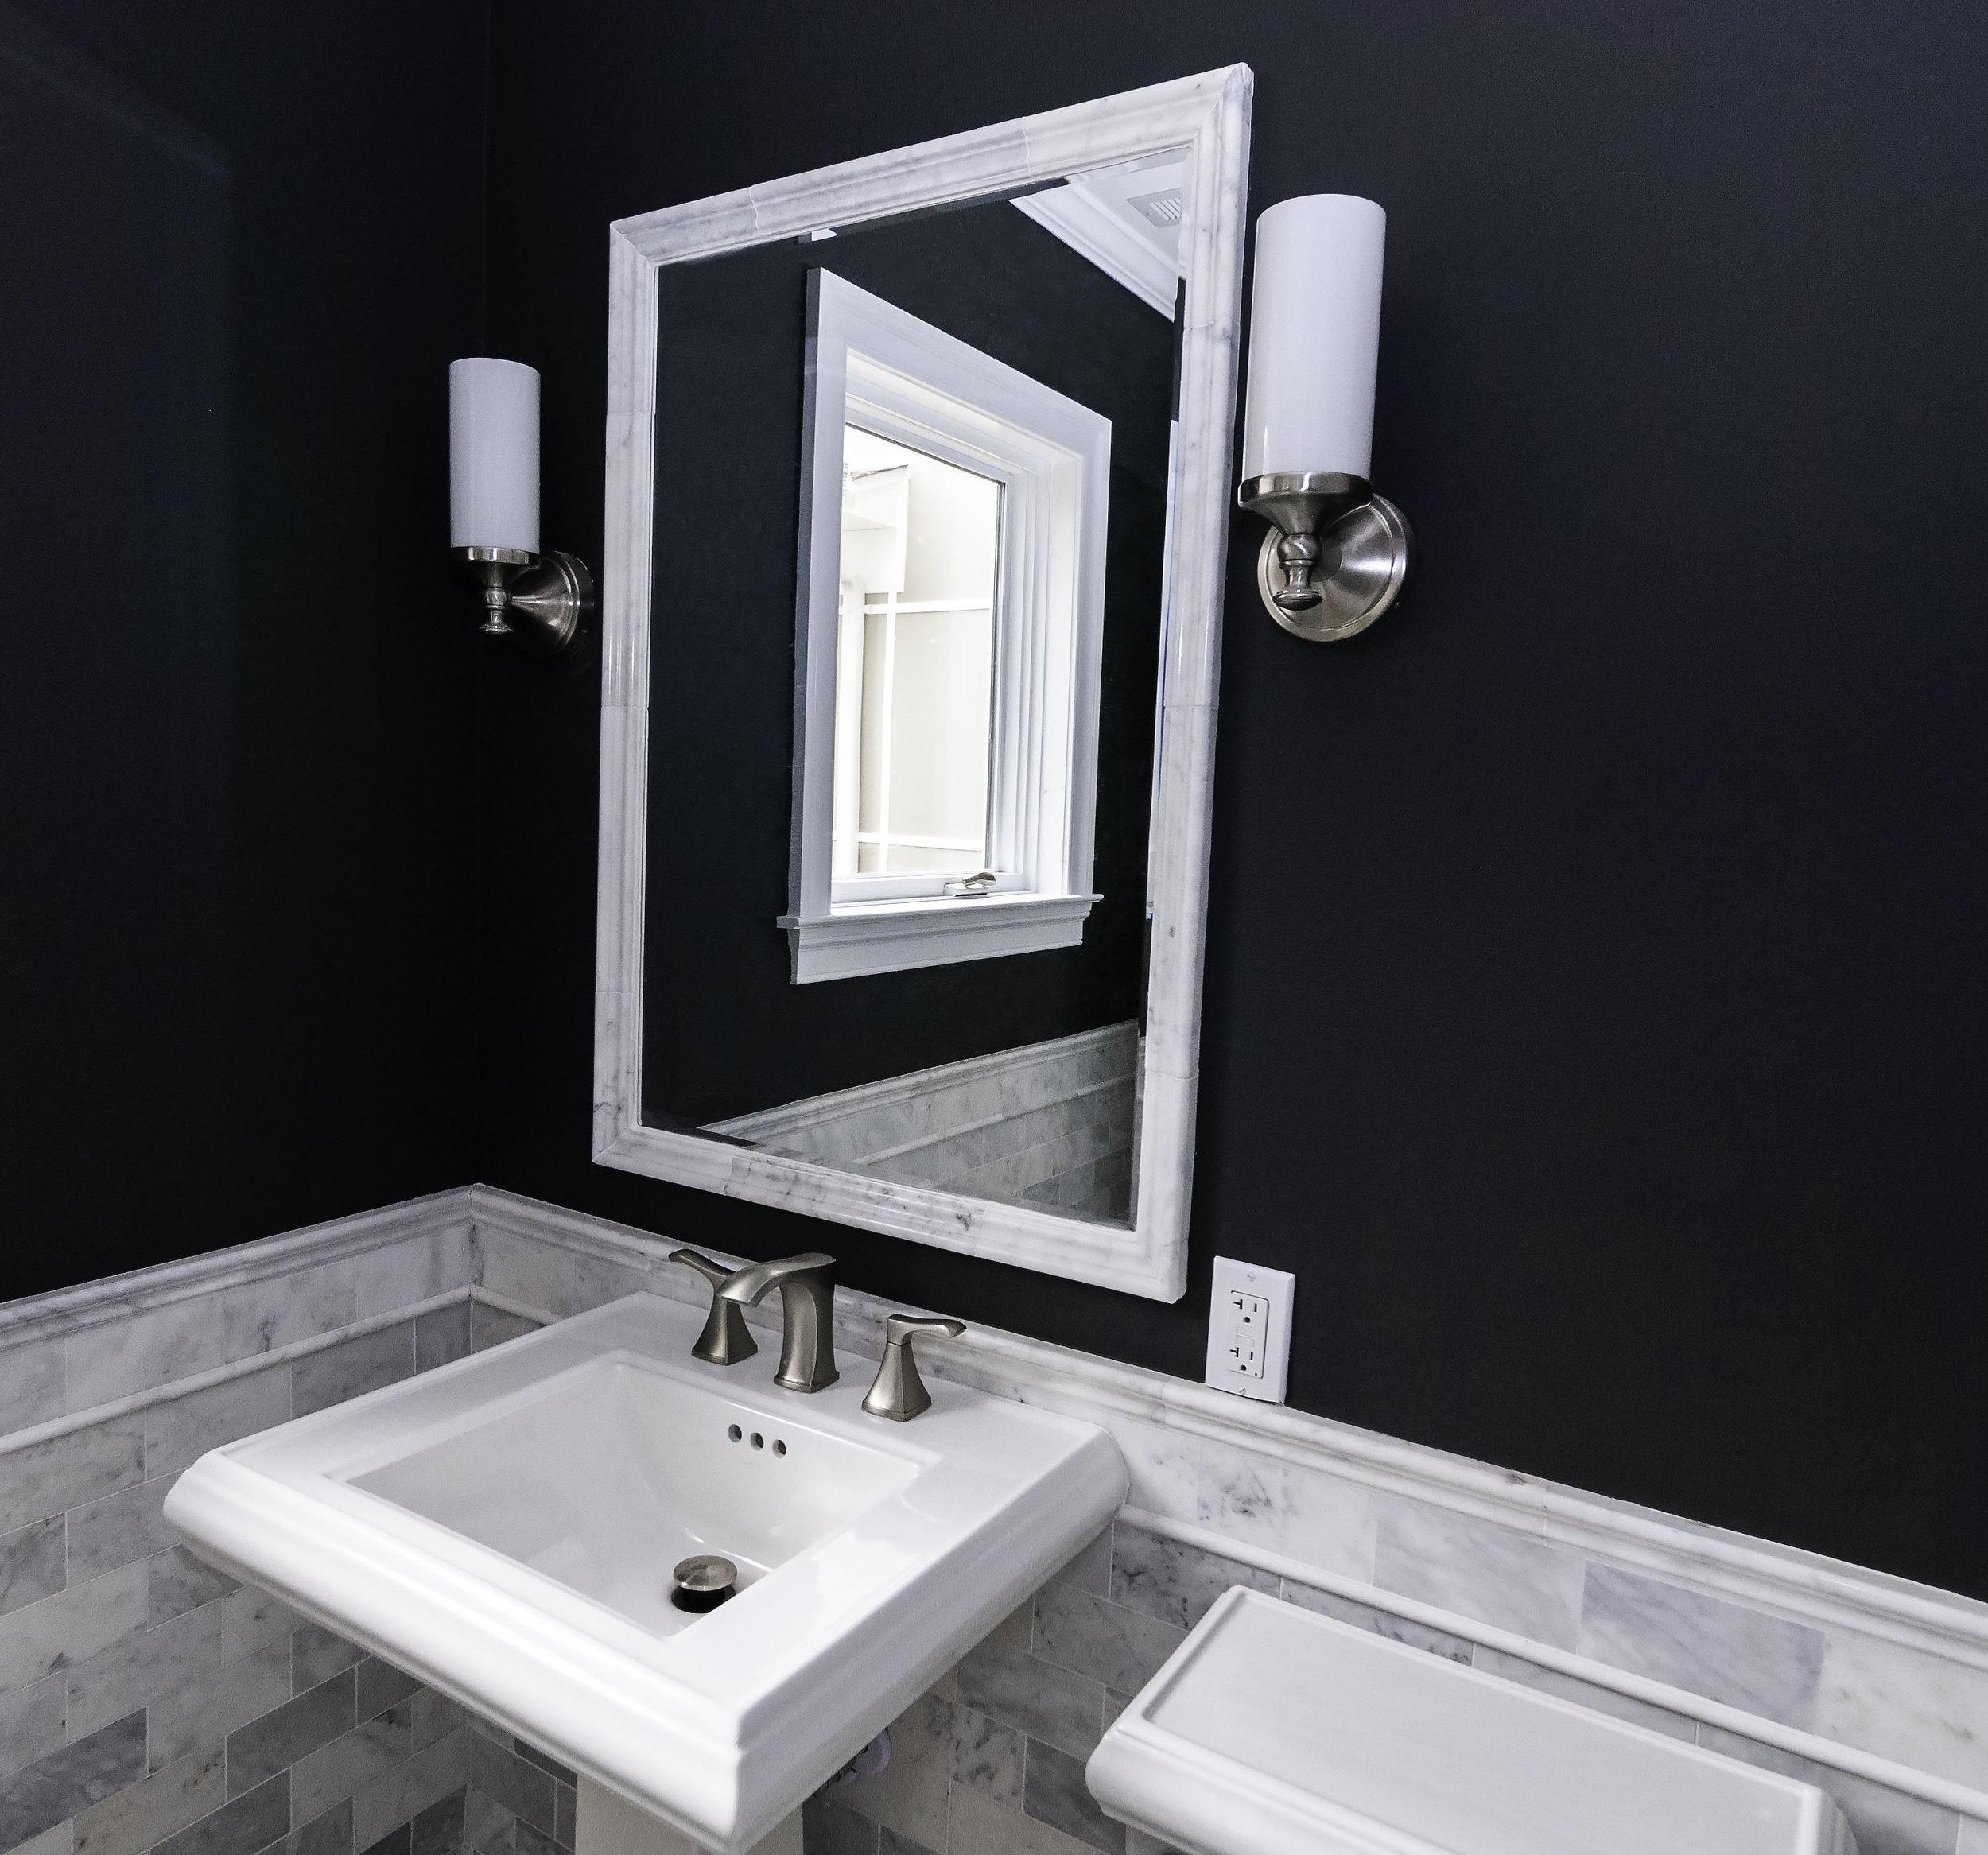 riverhouse 1st bathroom vanity.jpg